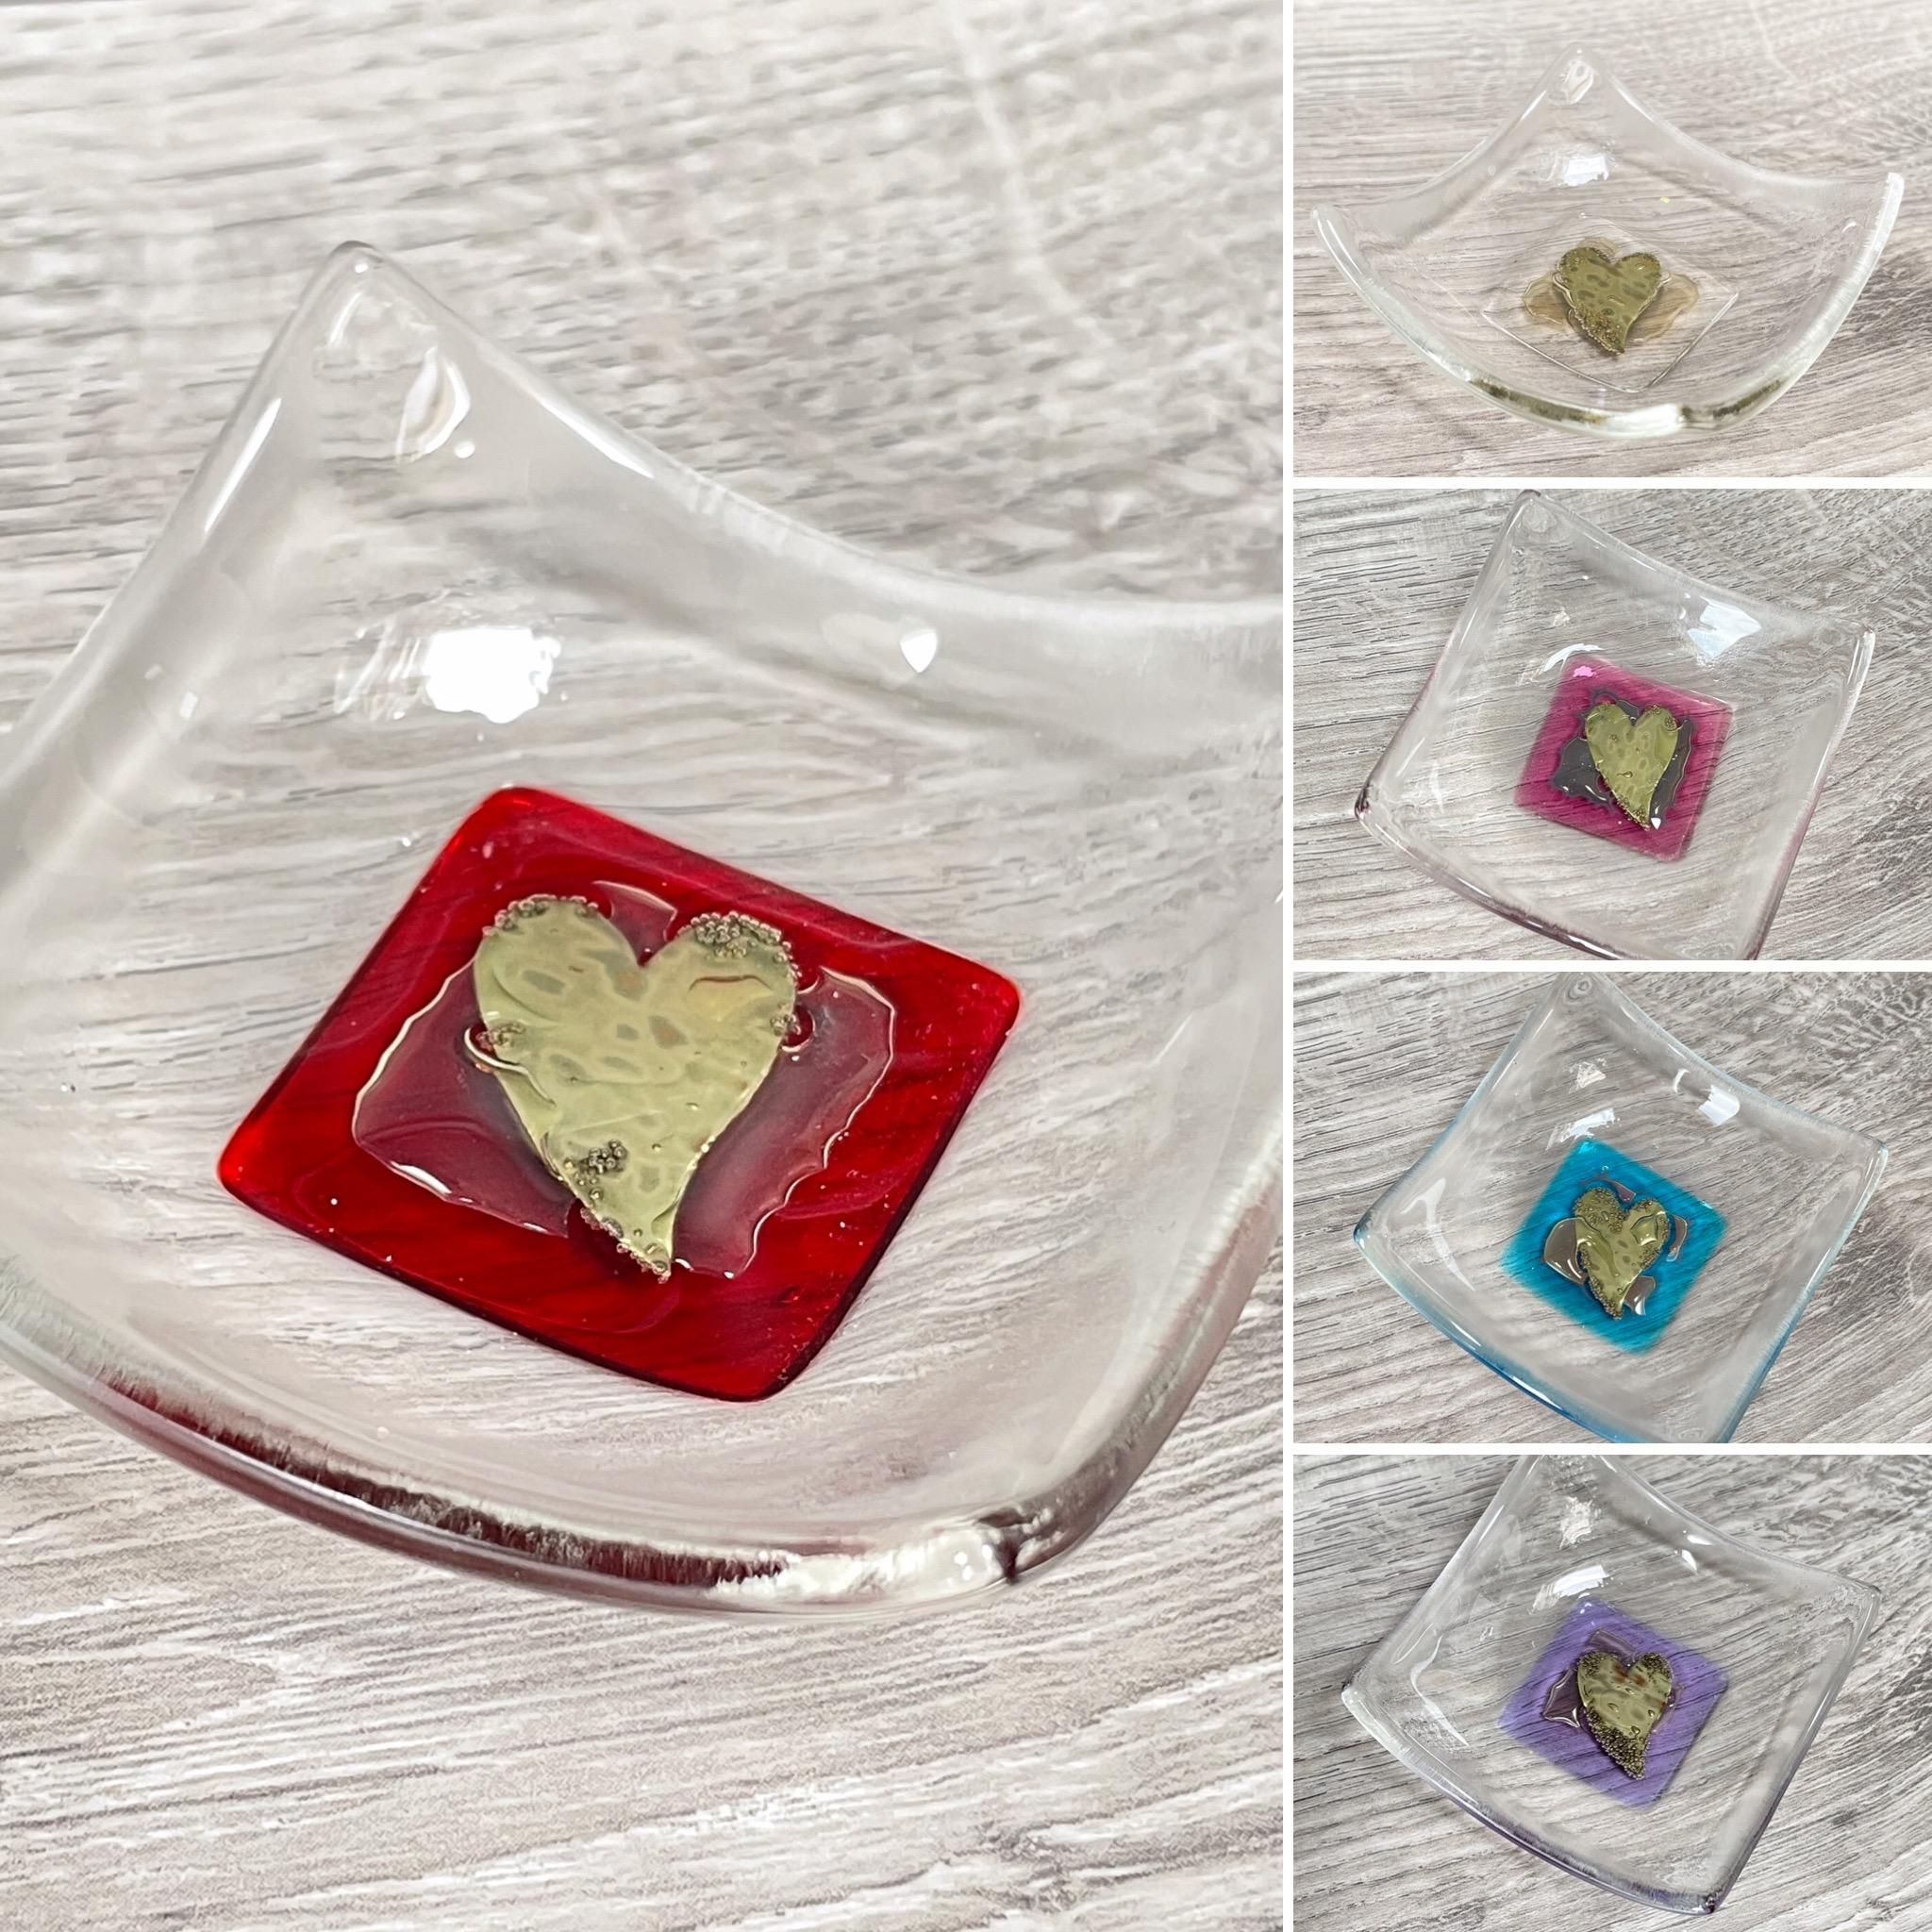 Berserks glass foil heart trinket dish (small)